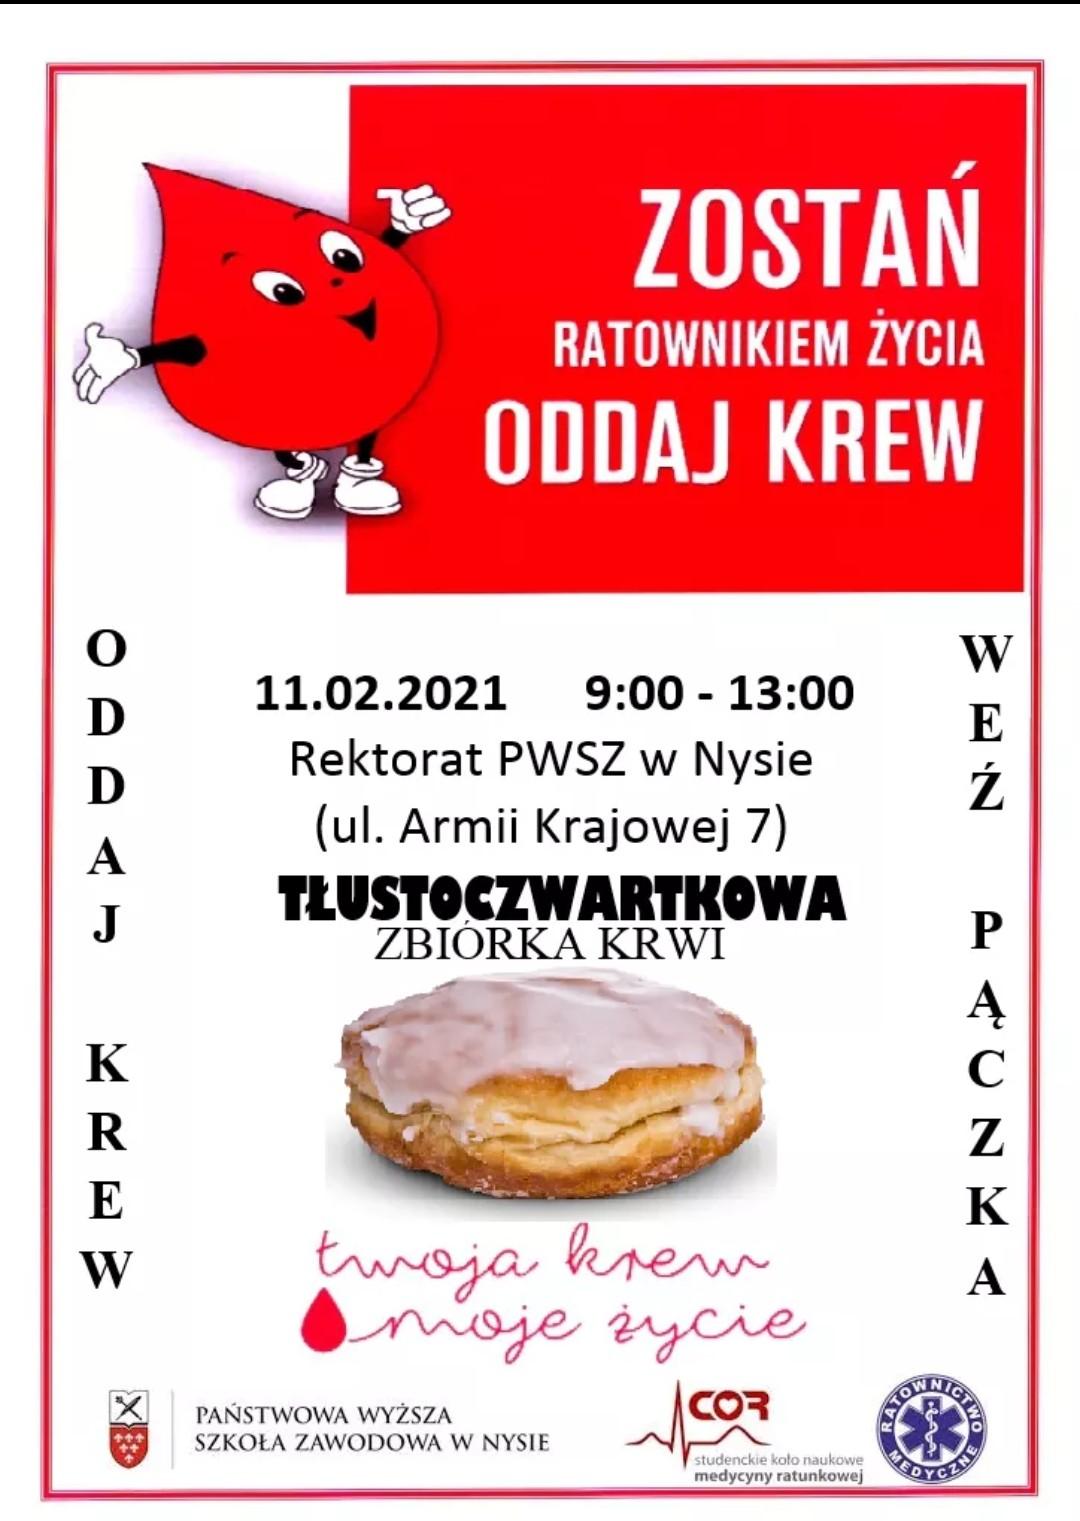 TAUSTOCZWARTKOWA ZBIÓRKA KRWI - Gmina Nysa